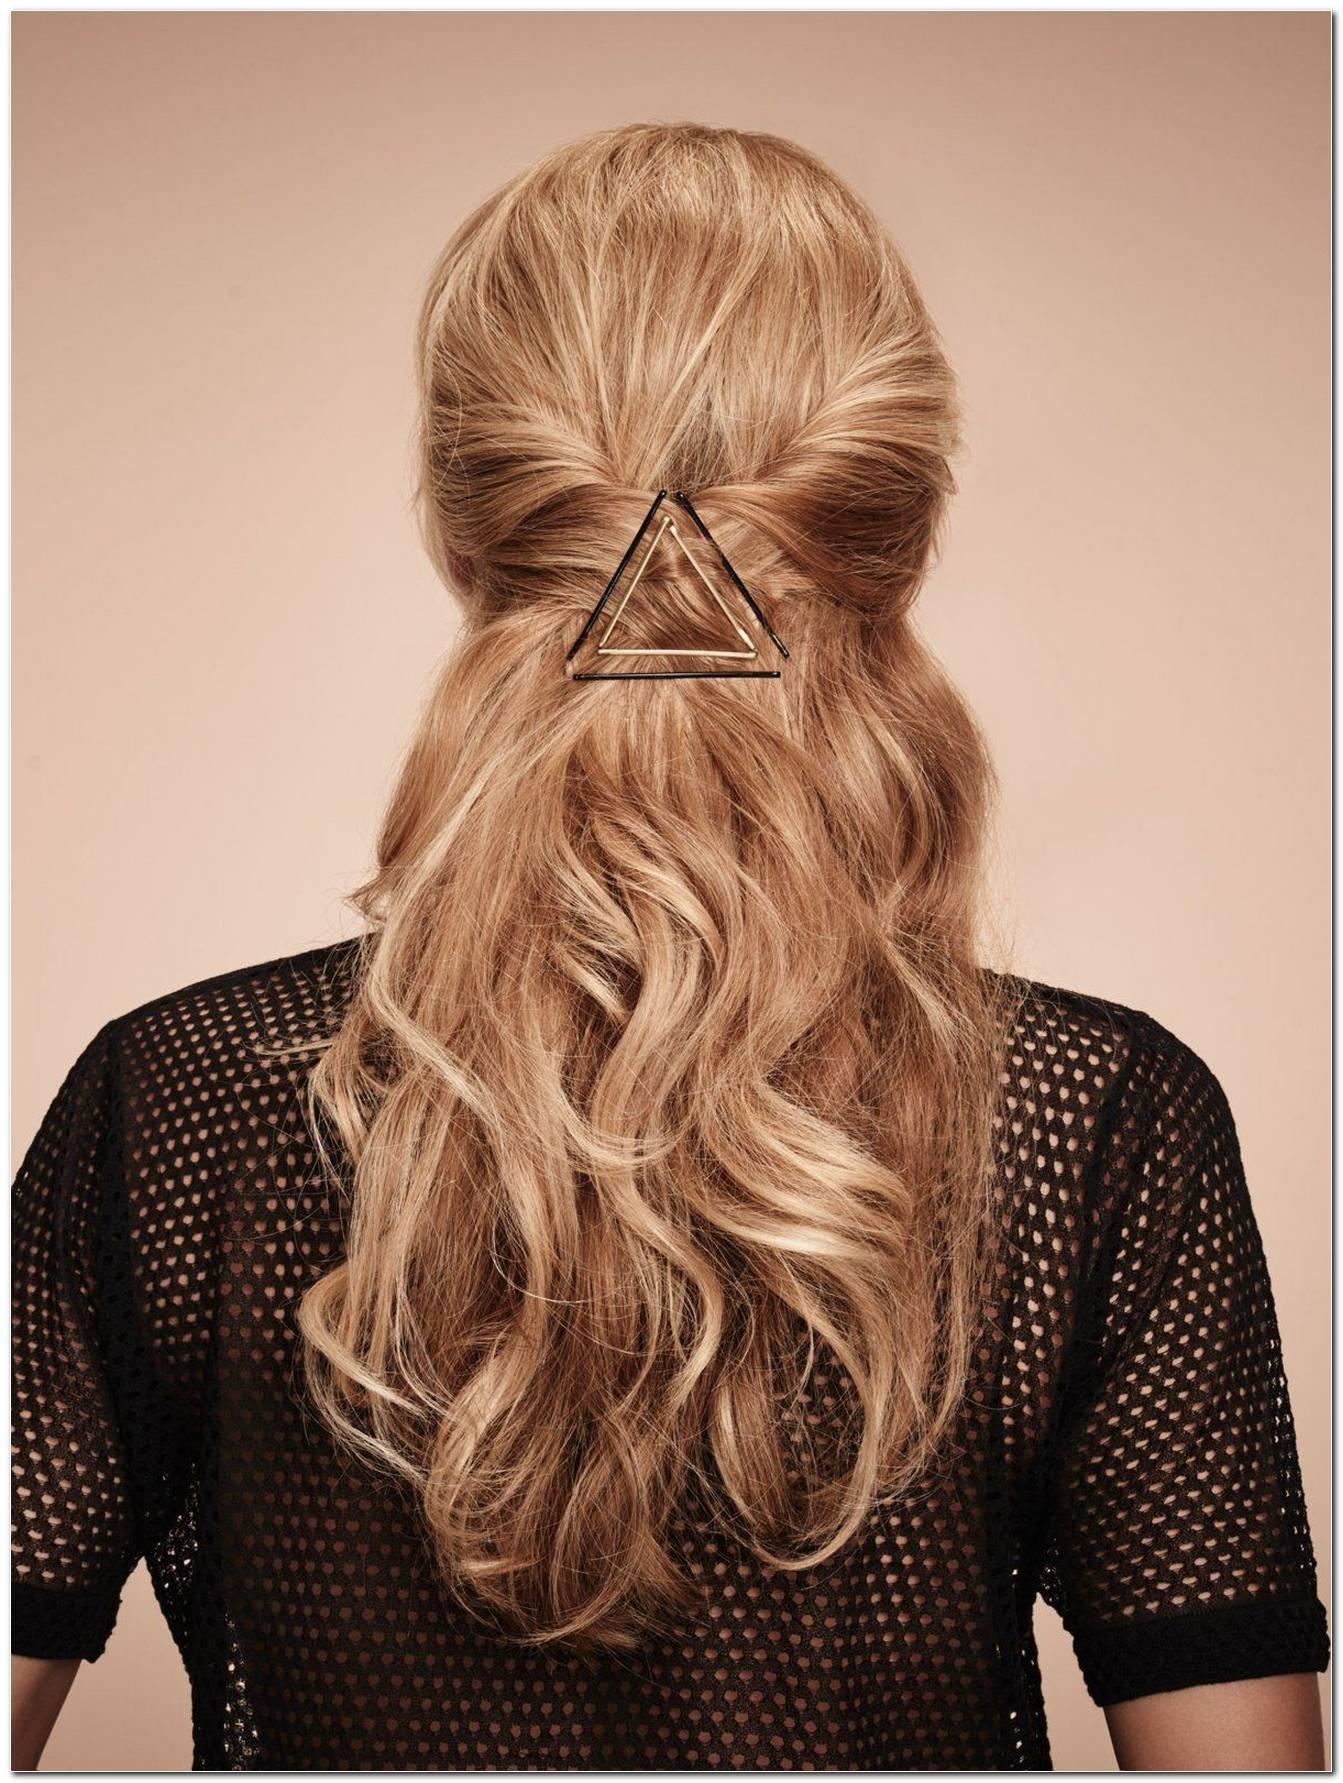 Frisuren Zum Ausgehen